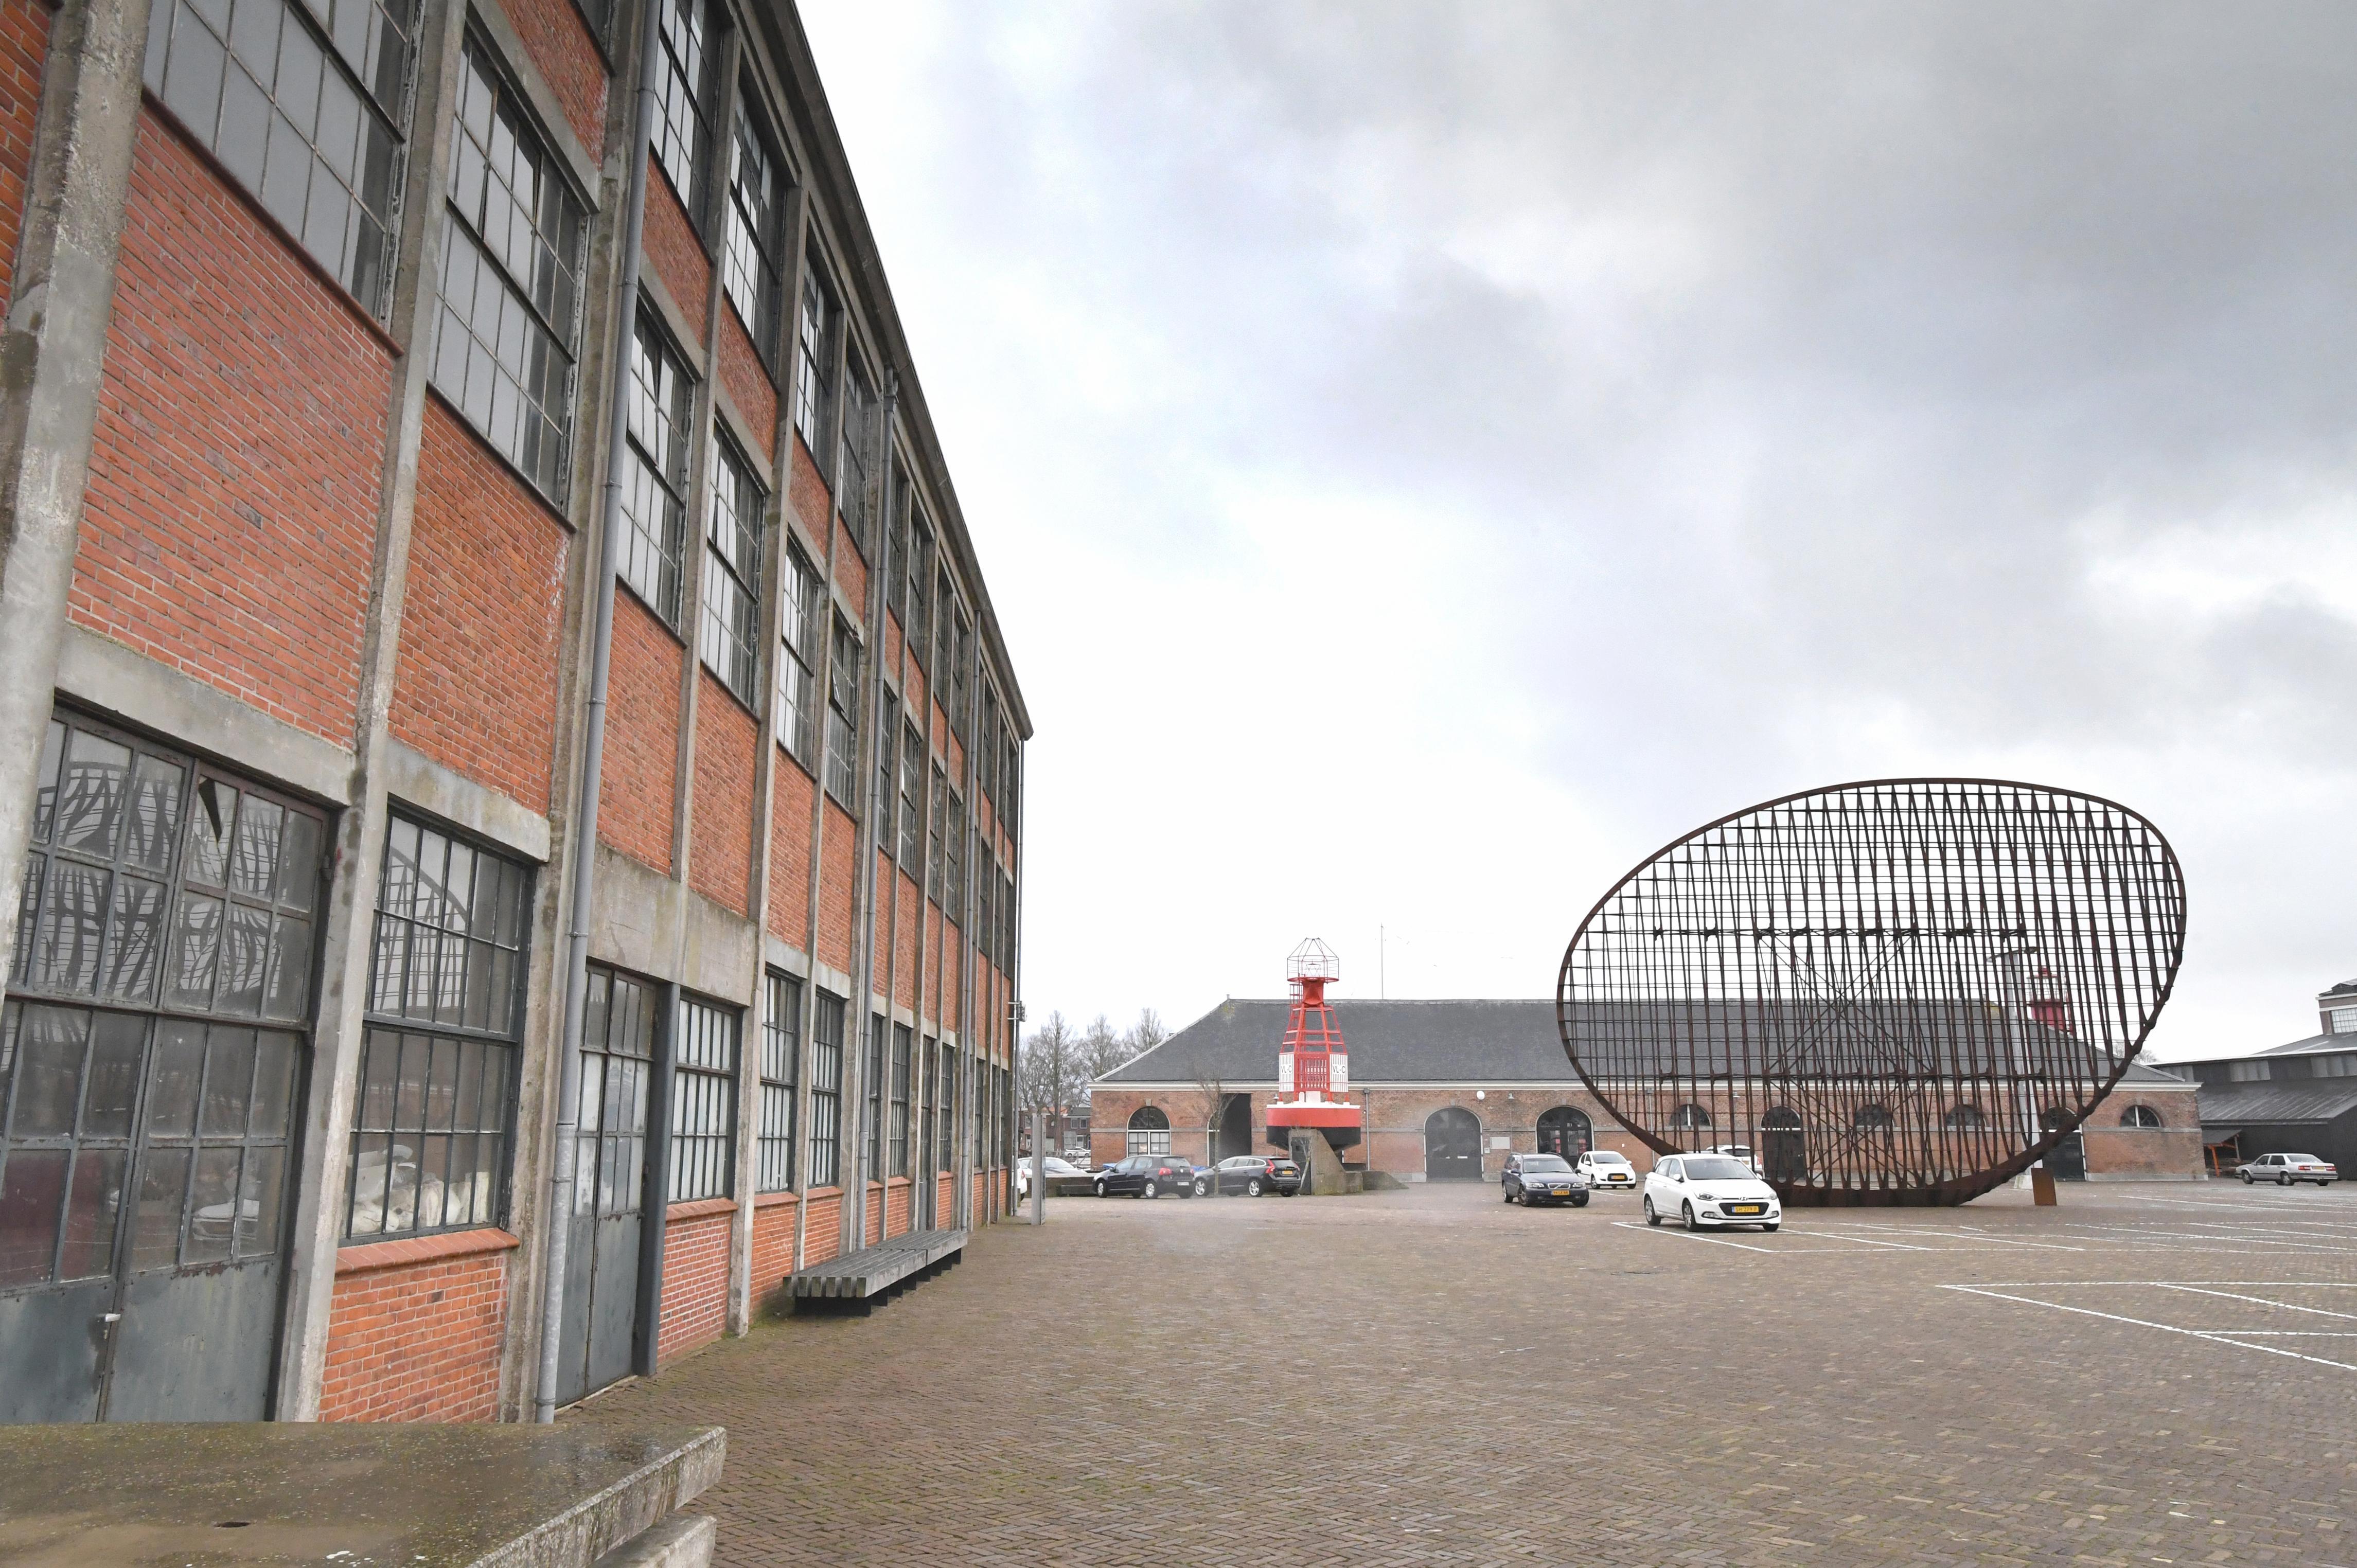 Wat gaat het stadhuis op Willemsoord precies kosten? Burgemeester en wethouders van Den Helder zijn het aan de inwoners verplicht om daar duidelijkheid over te verschaffen, zegt Senioren Actief